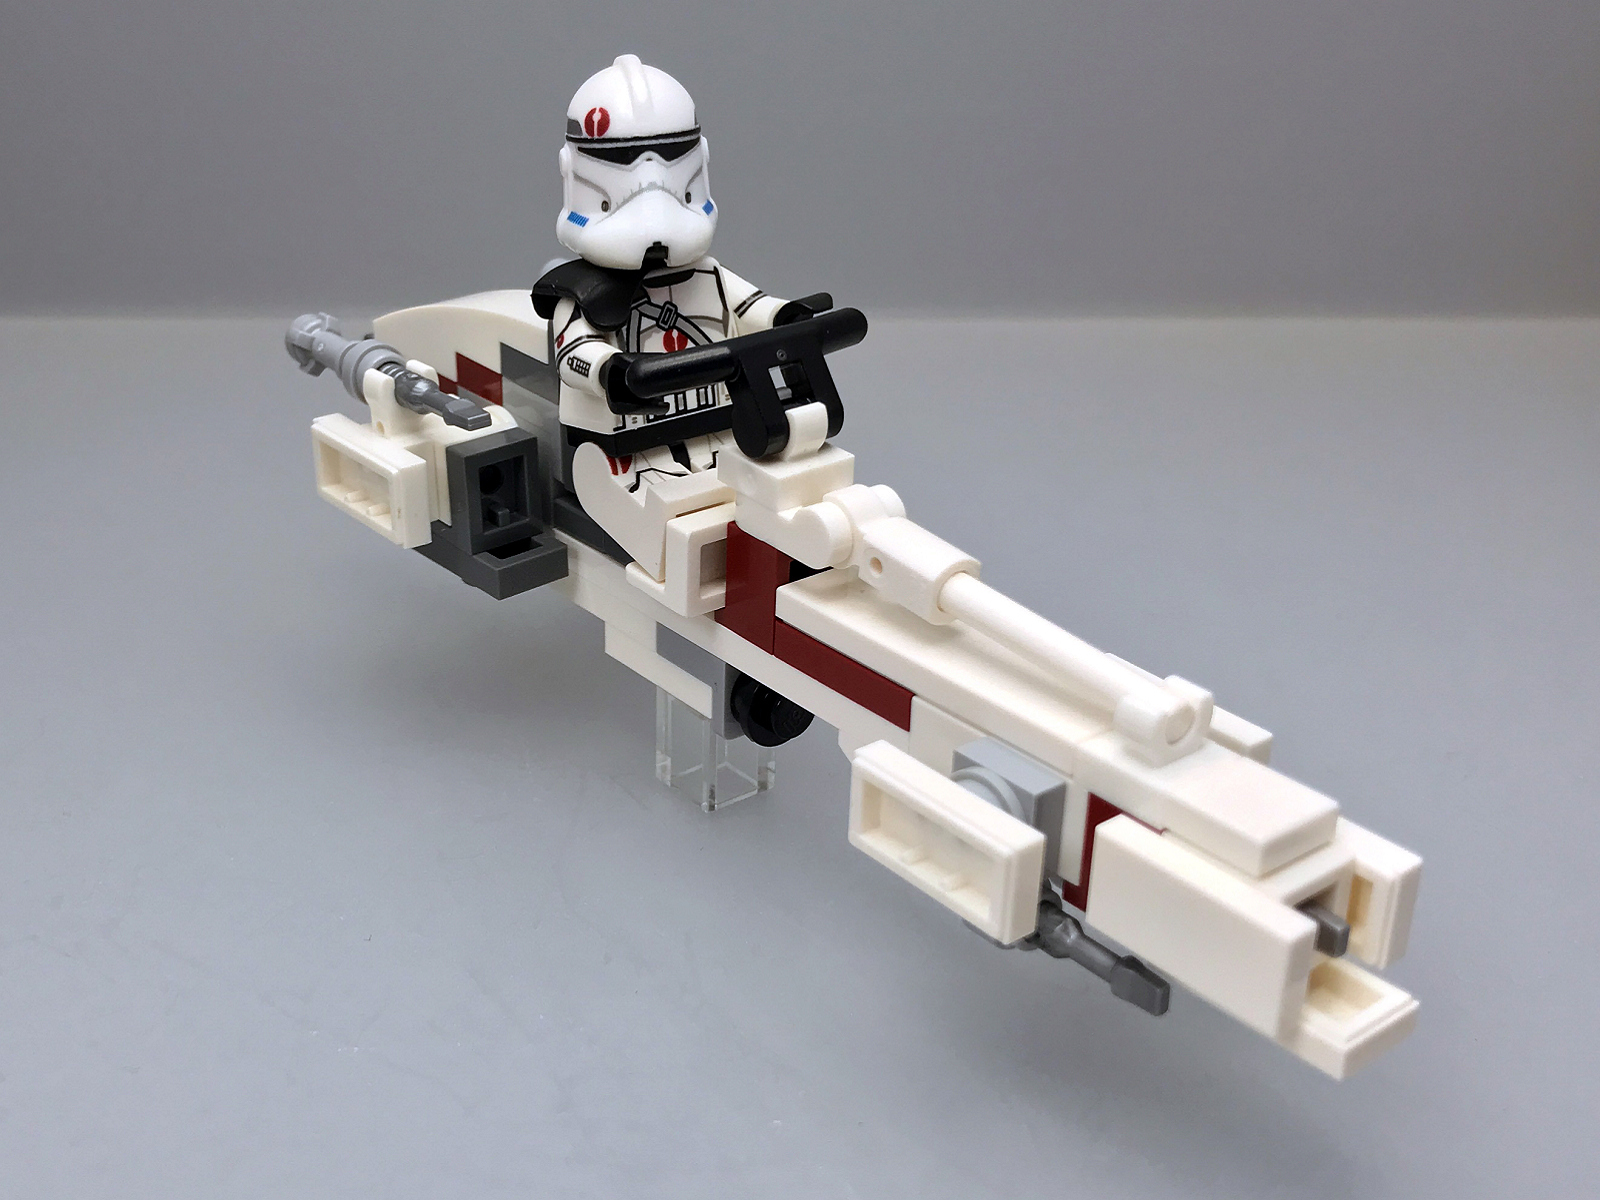 MOC LEGO Star Wars Clone Trooper BARC Speeder, Apr.14 ...